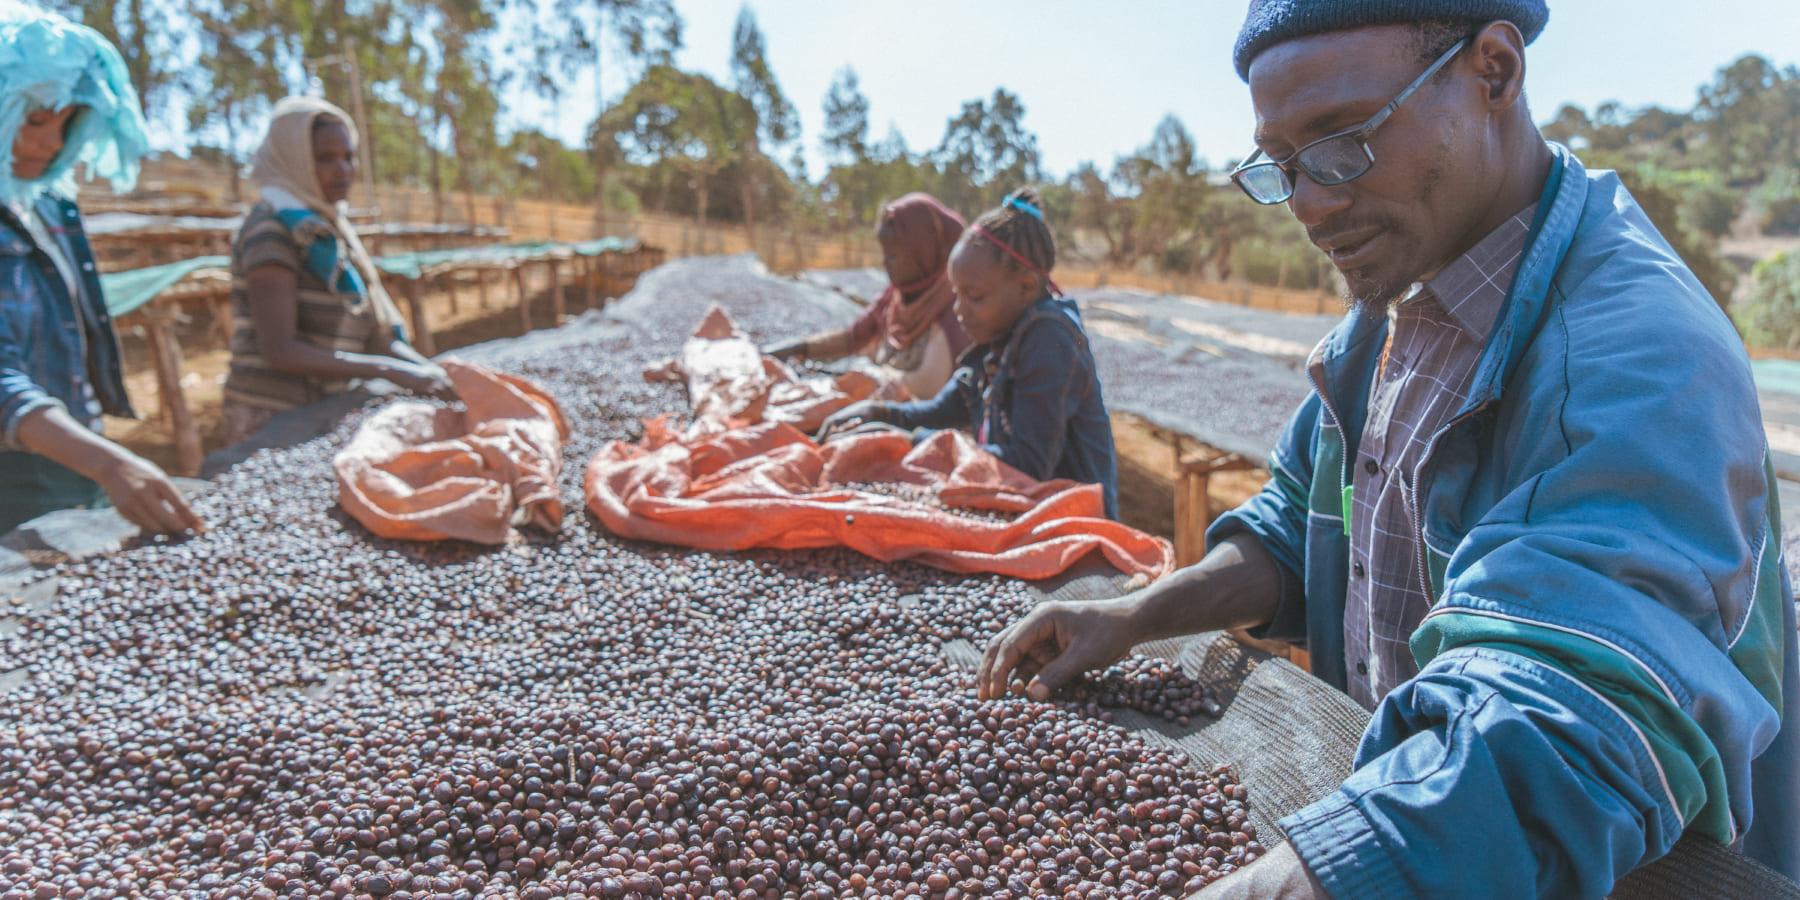 産地とつながるダイレクトトレード。コーヒー生豆流通のDX「TYPICA」